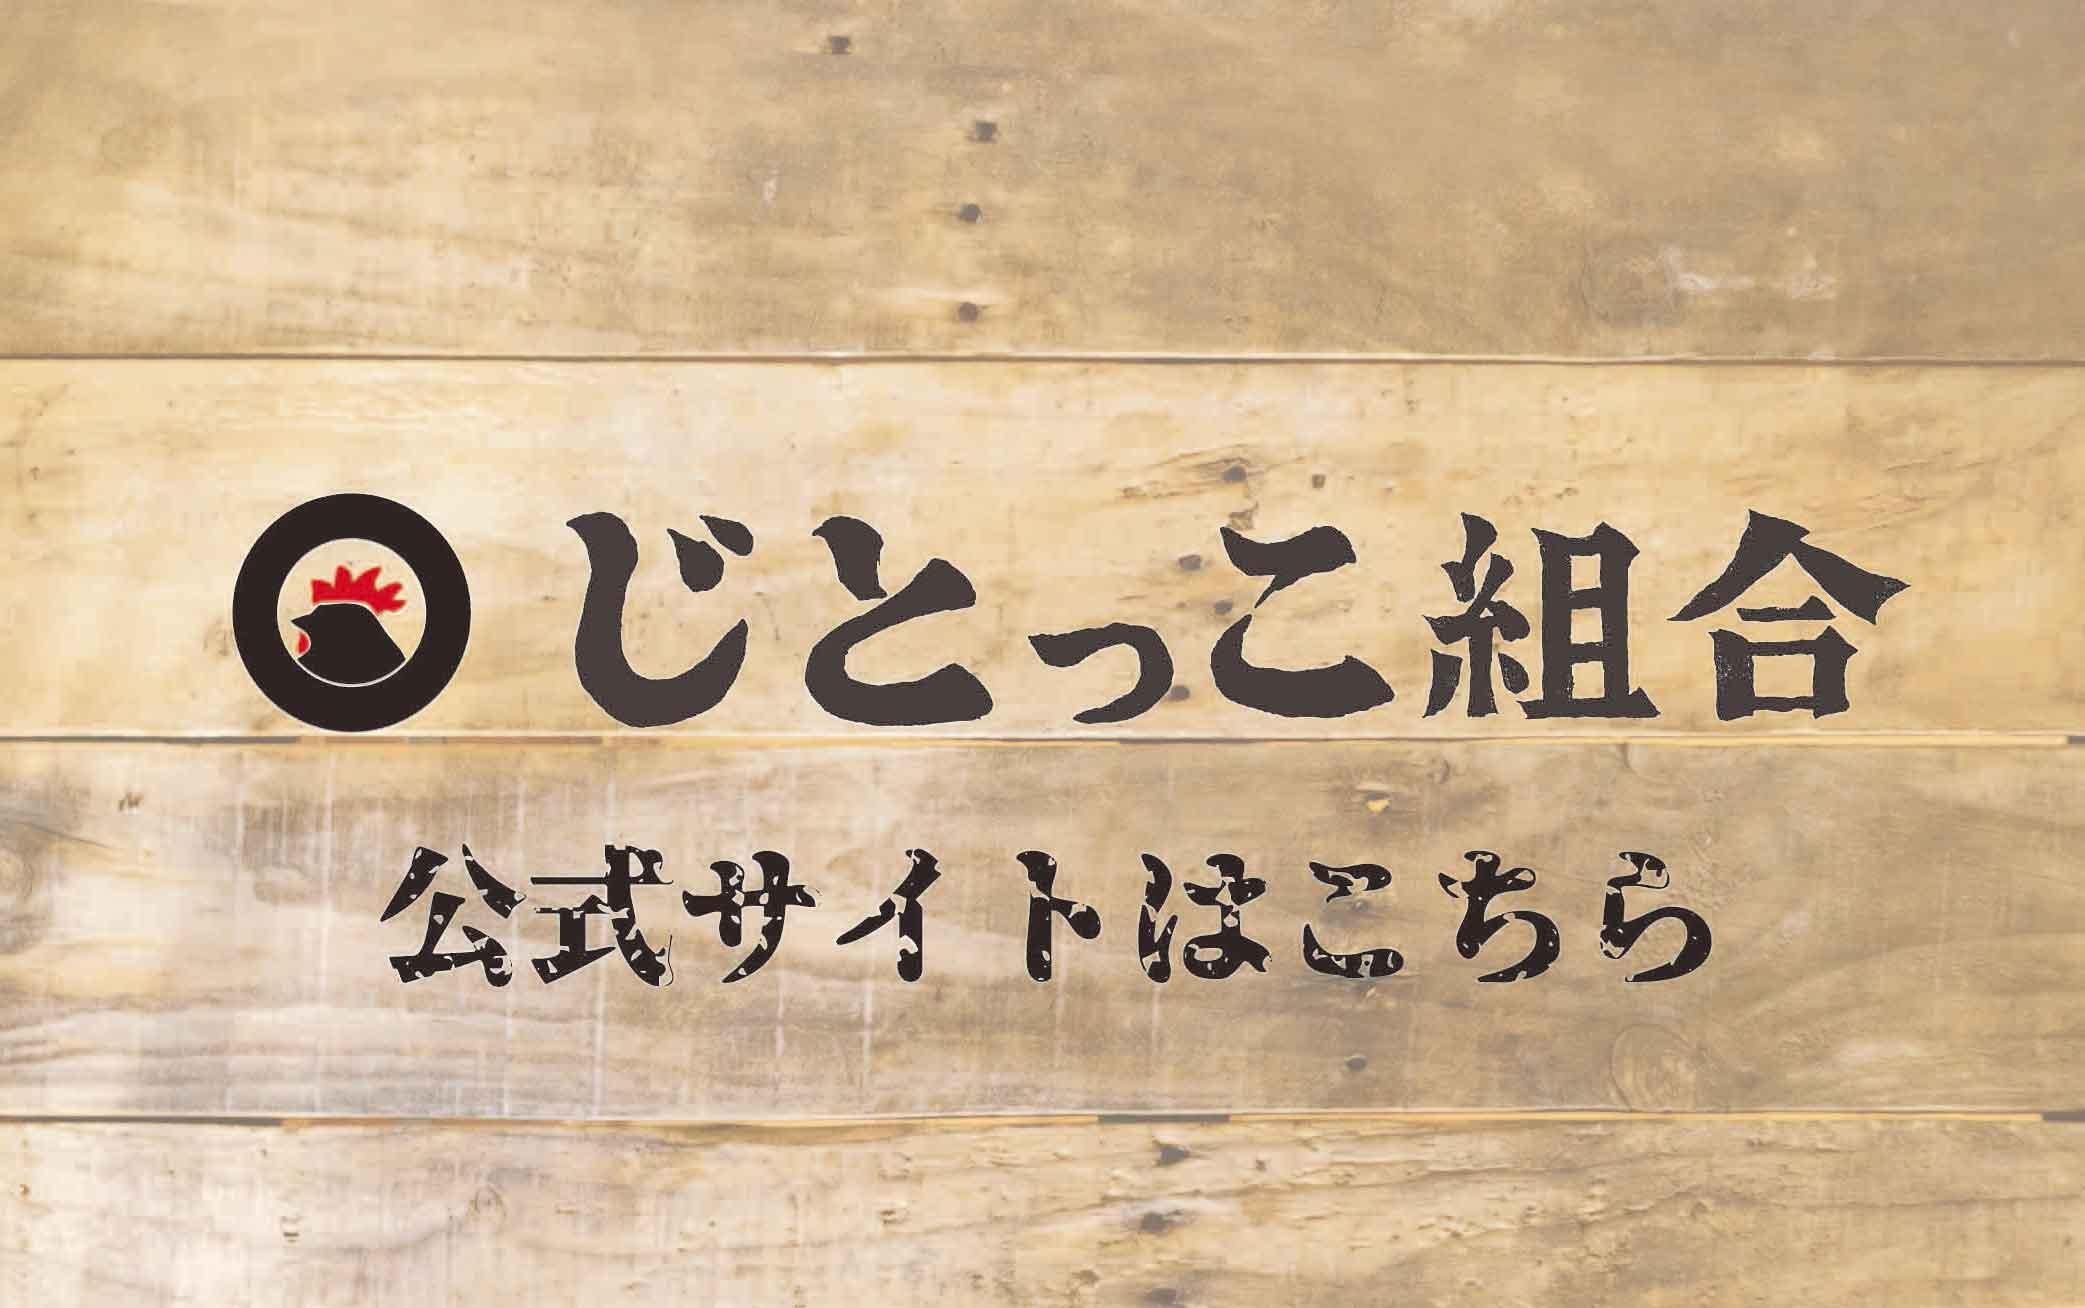 じとっこ組合公式サイトオープン!